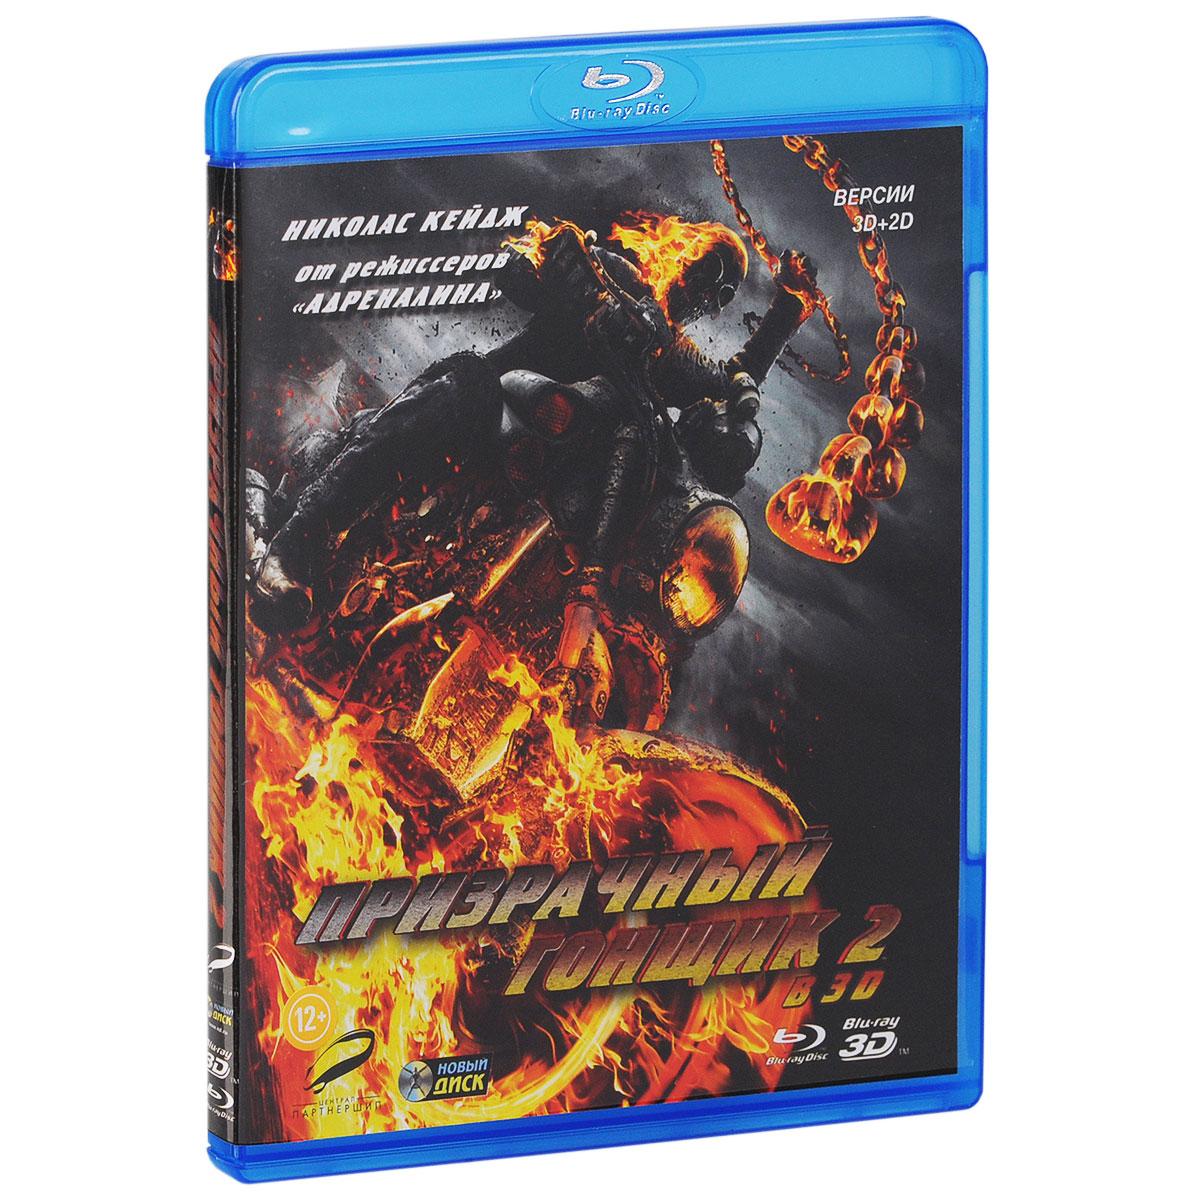 Призрачный гонщик 2: 2D и 3D (Blu-ray) 3d blu ray плеер panasonic dmp bdt460ee